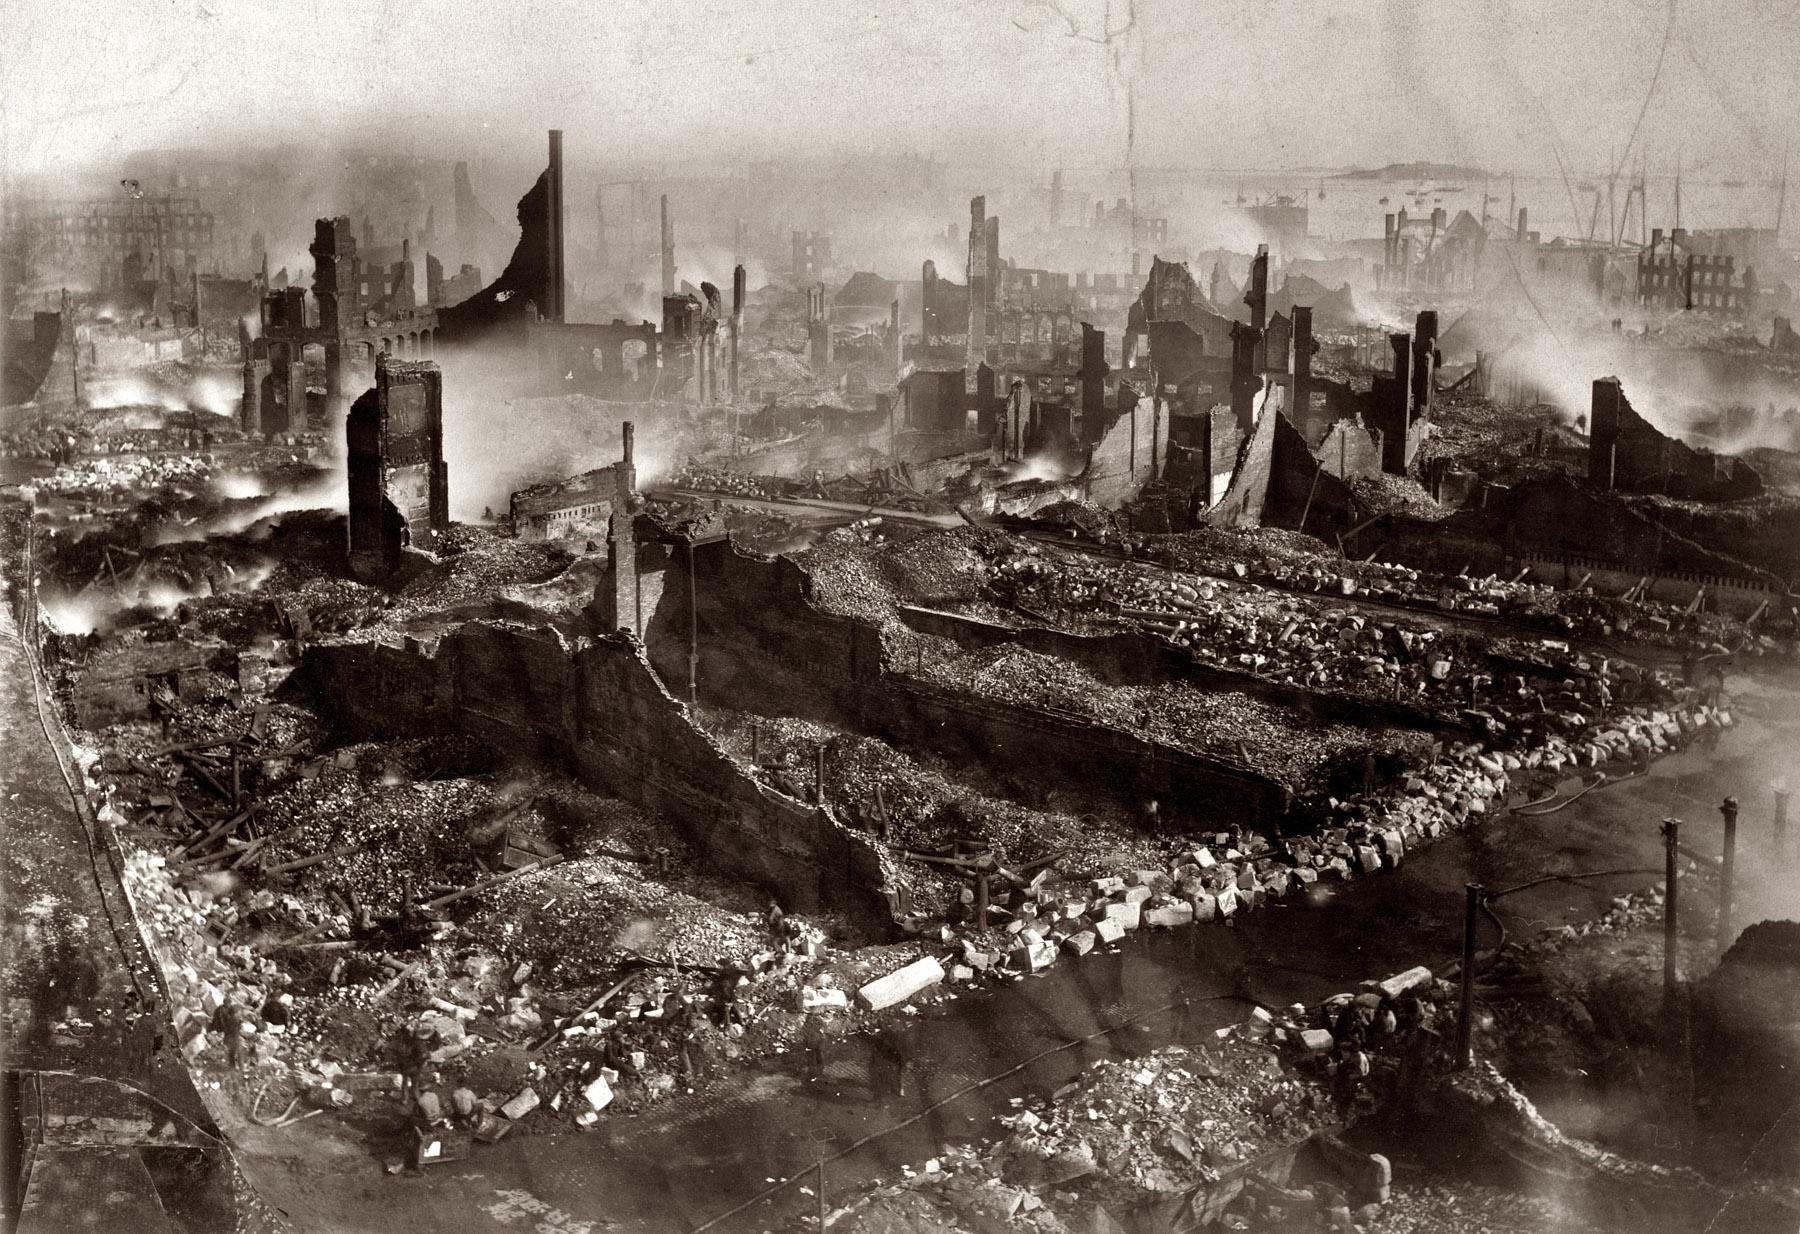 Incendio de Boston de 1872, ojalá pase de nuevo y todo ese público de mierda se muera.